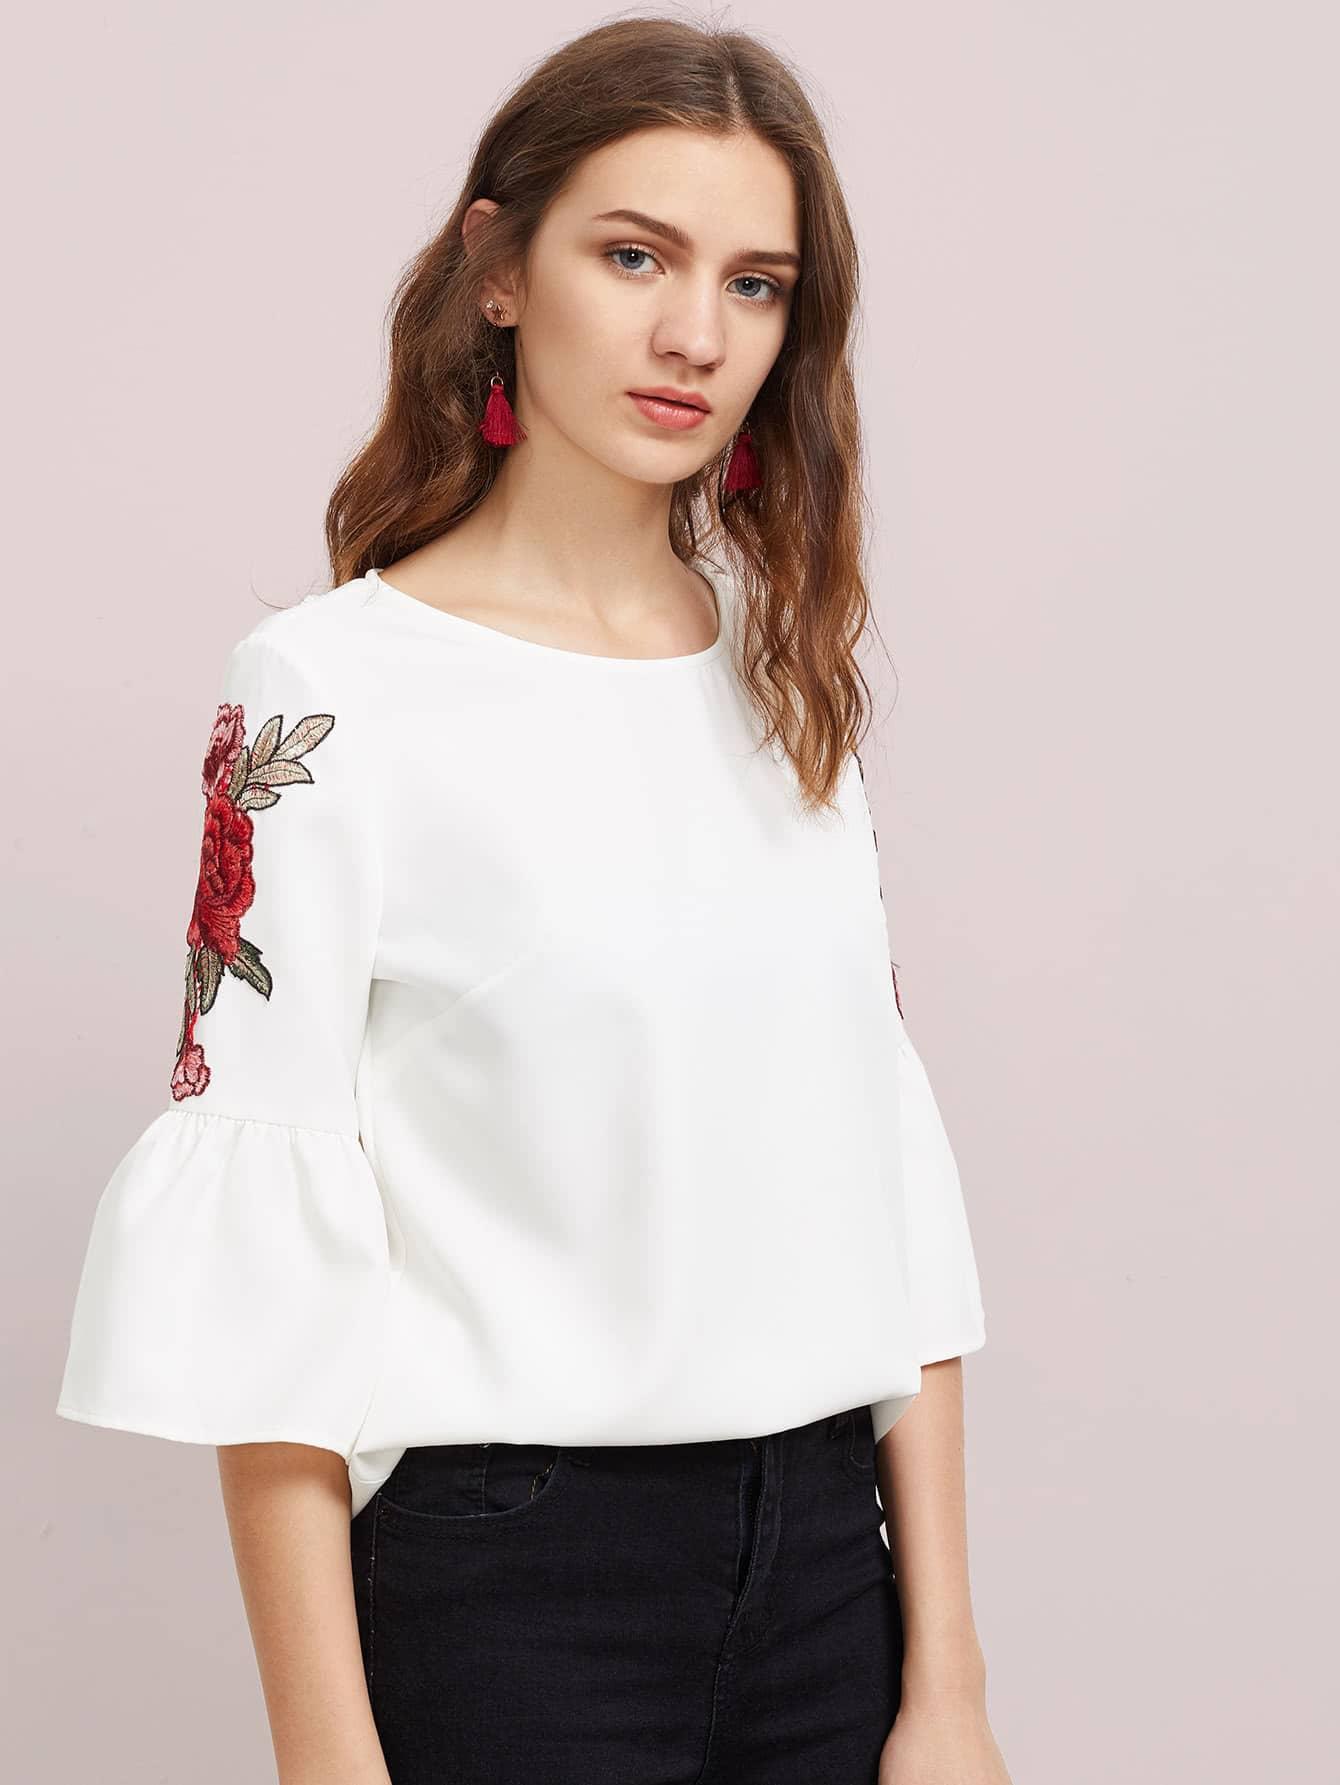 Купить Модный топ с цветочной вышивкой, рукав клёш, Tatii, SheIn